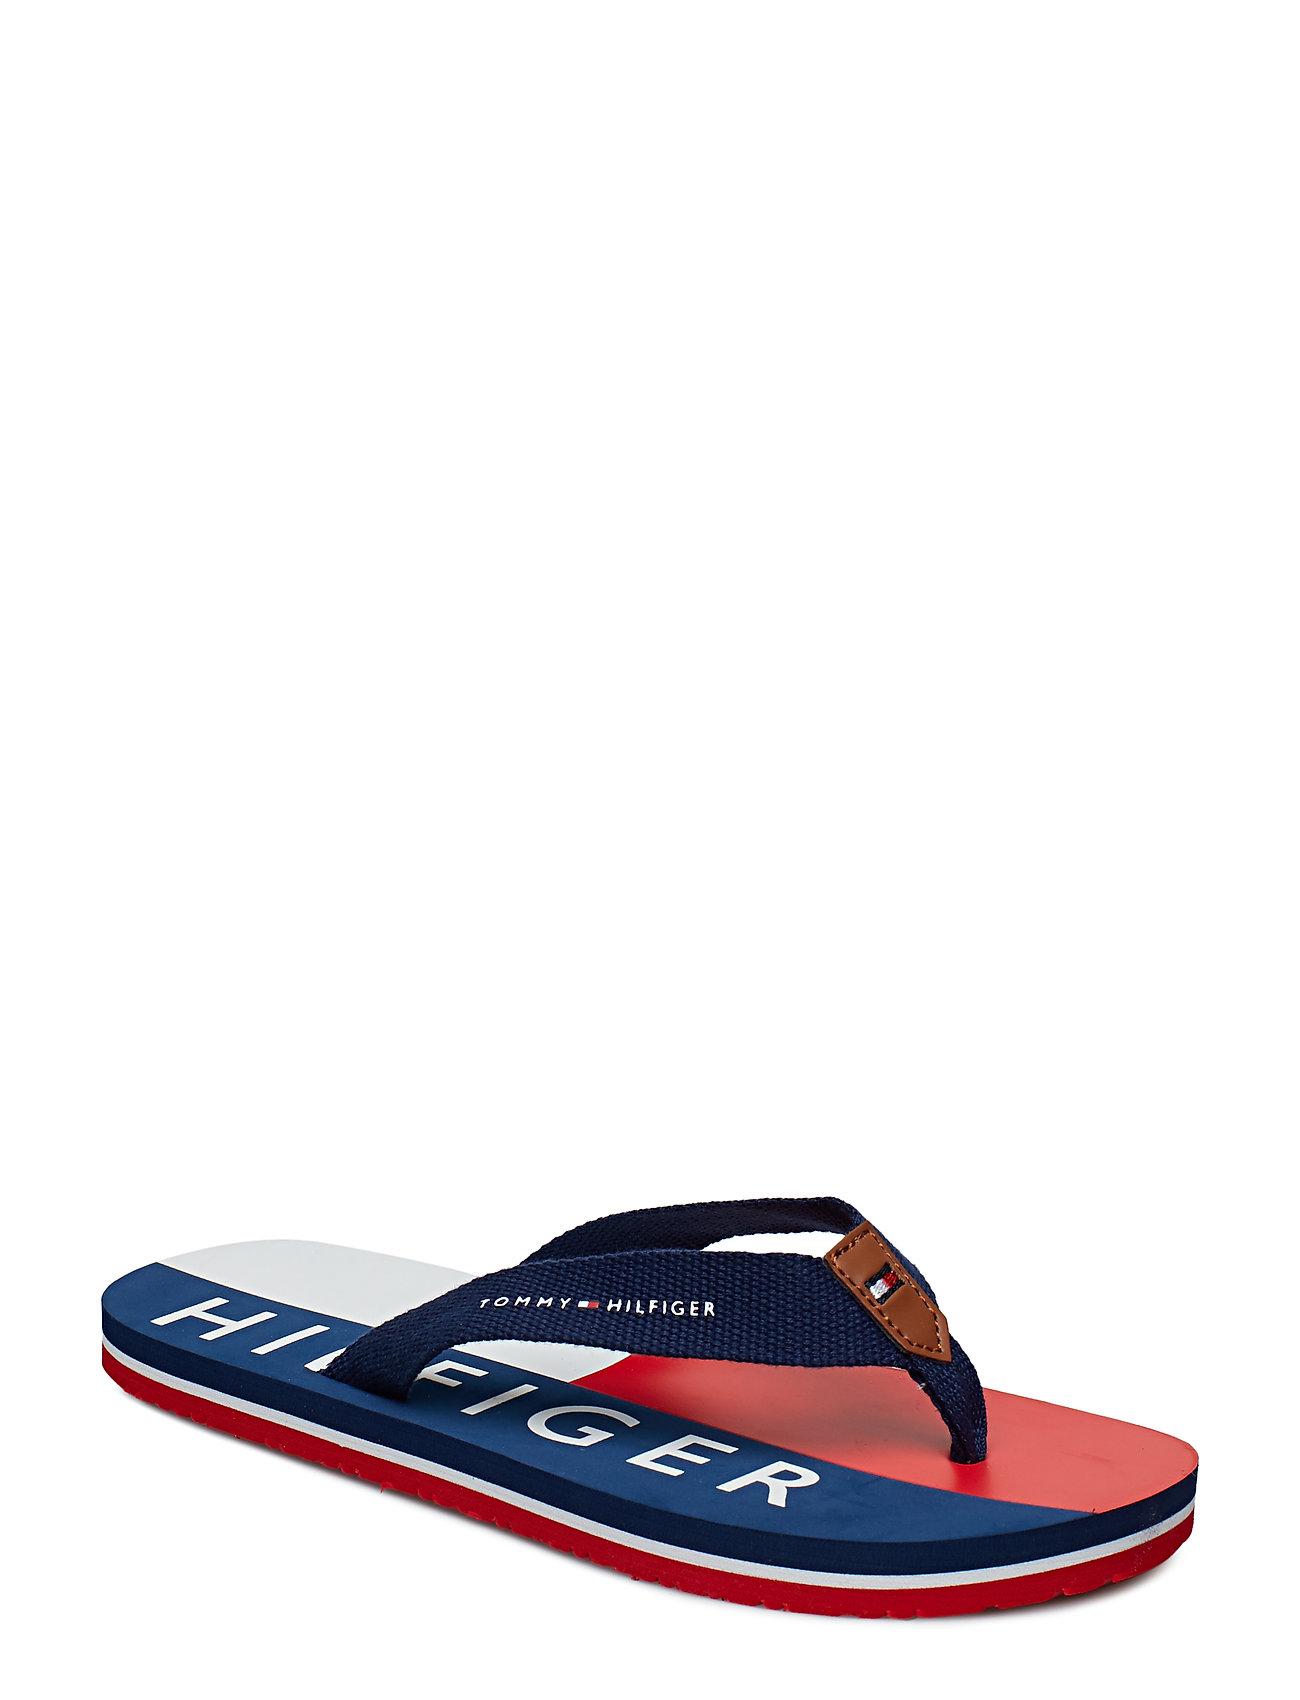 8372c19dd9d BLU/ROSSO/BIANCO Tommy Hilfiger Flag Print Flip Flop sandaler for ...